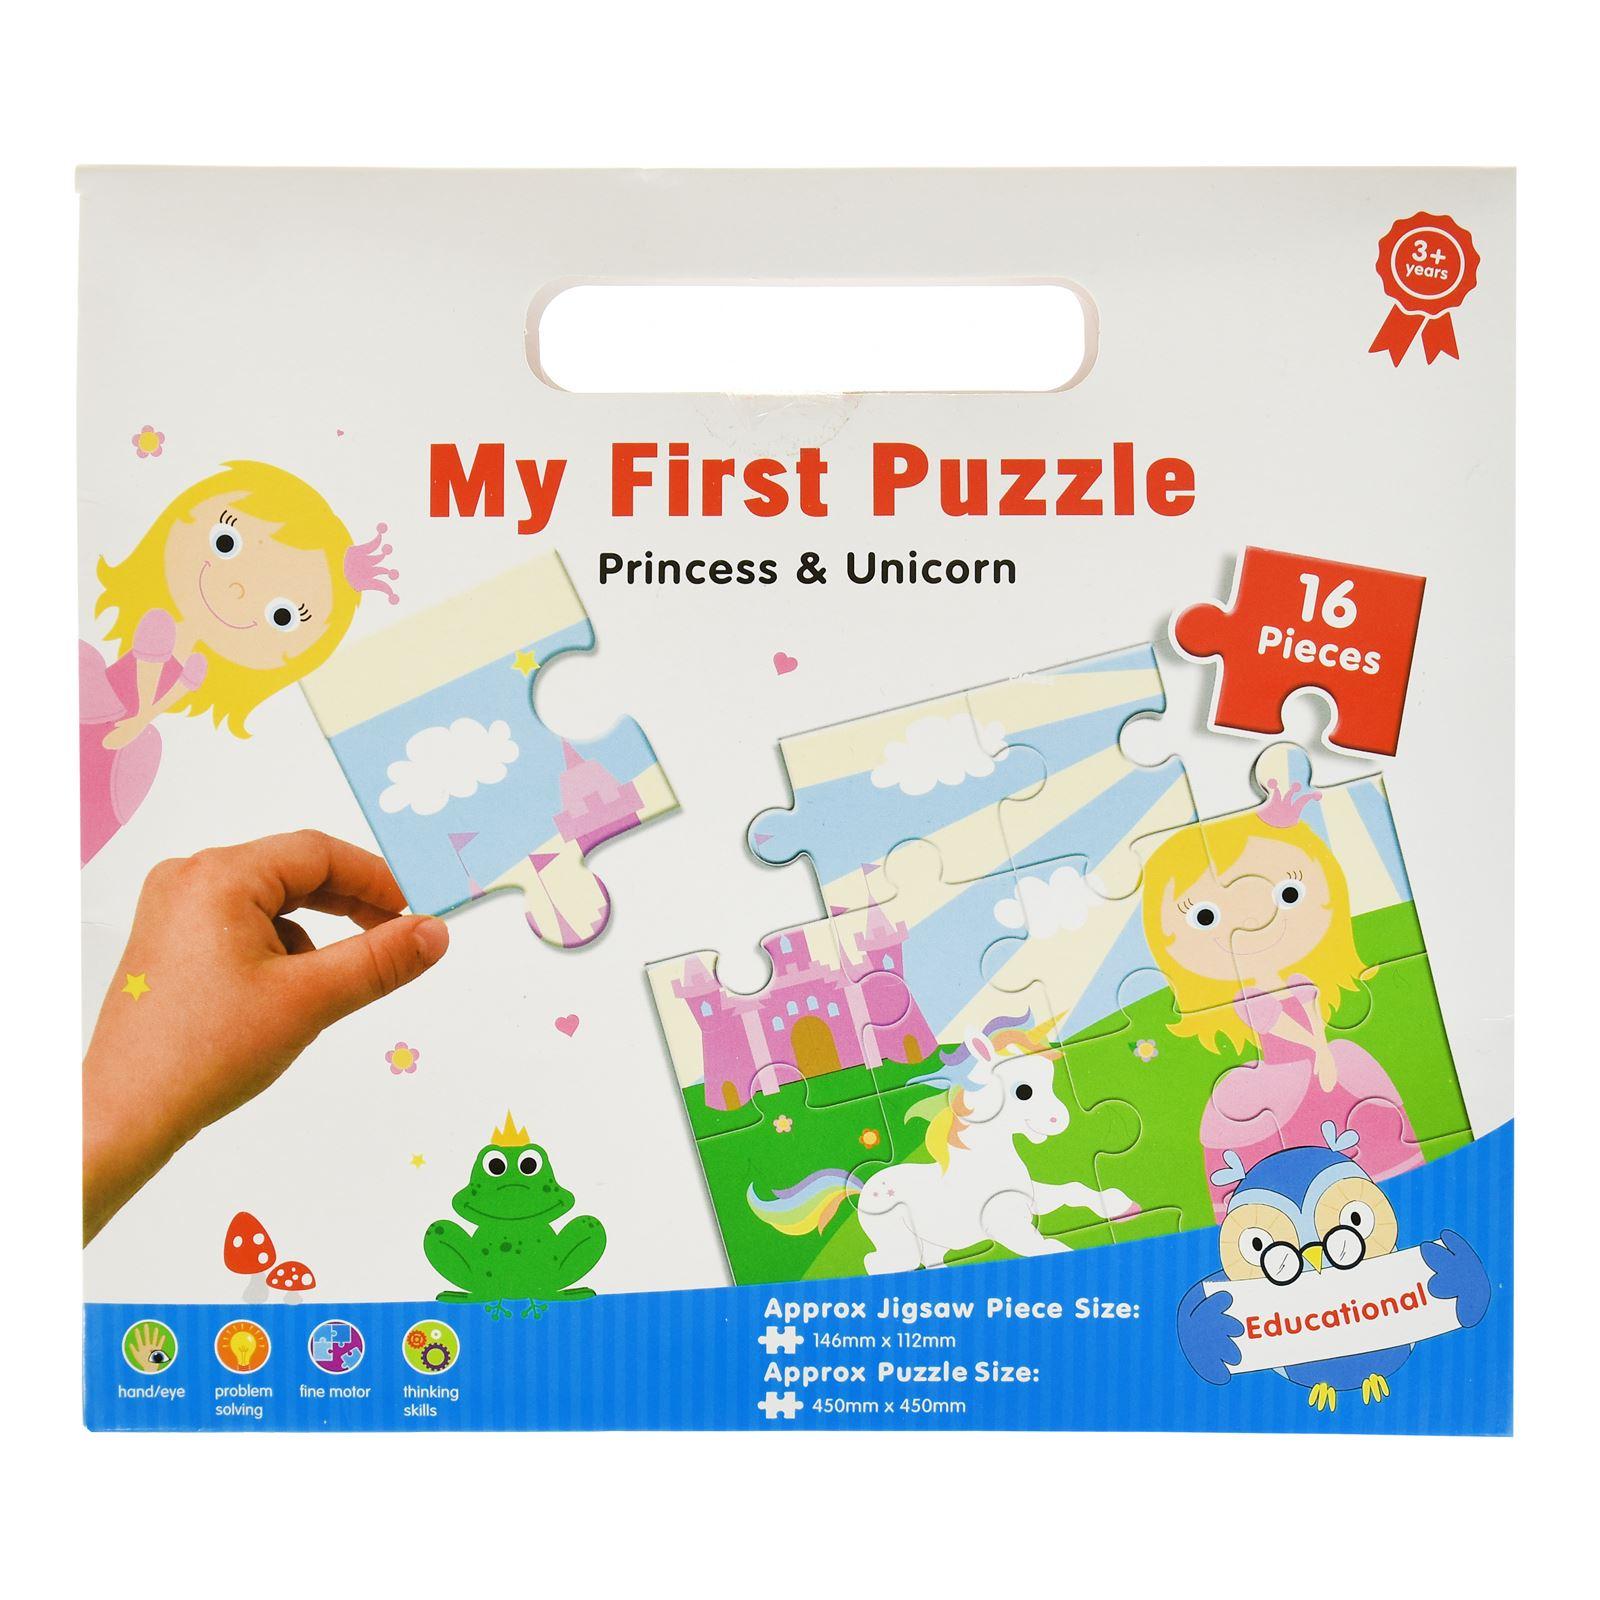 16pc-Mon-Premier-Puzzle-Enfants-educatif-Problem-Solving-jeu-jouet miniature 7